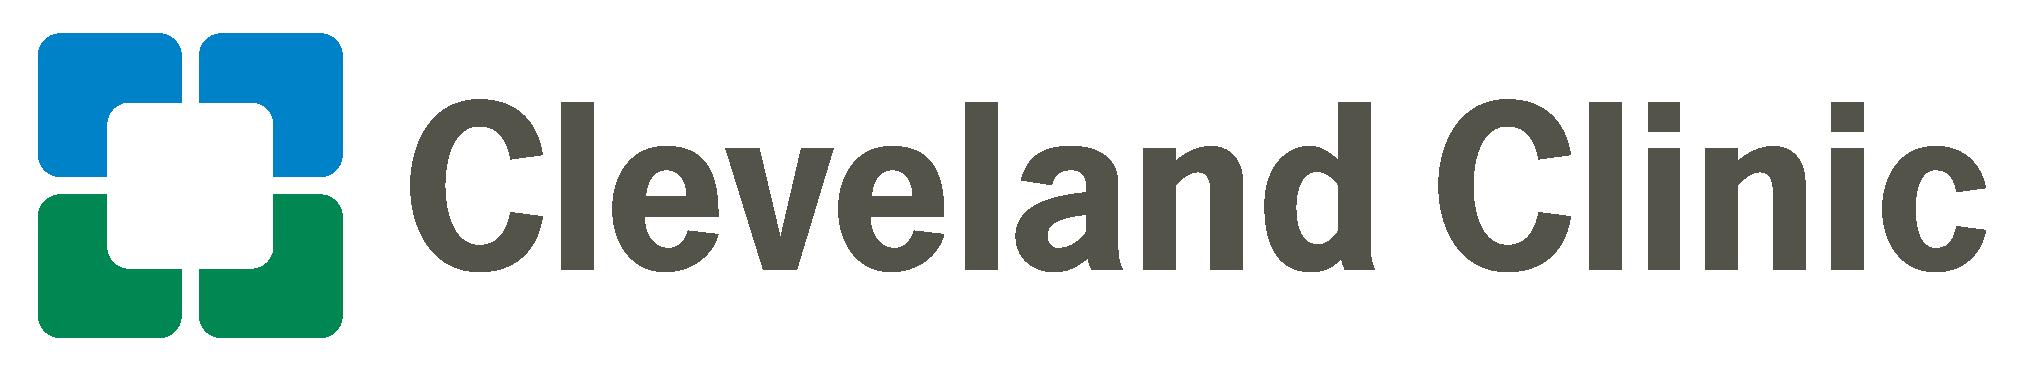 Cleveland Clinic Health System Company Logo